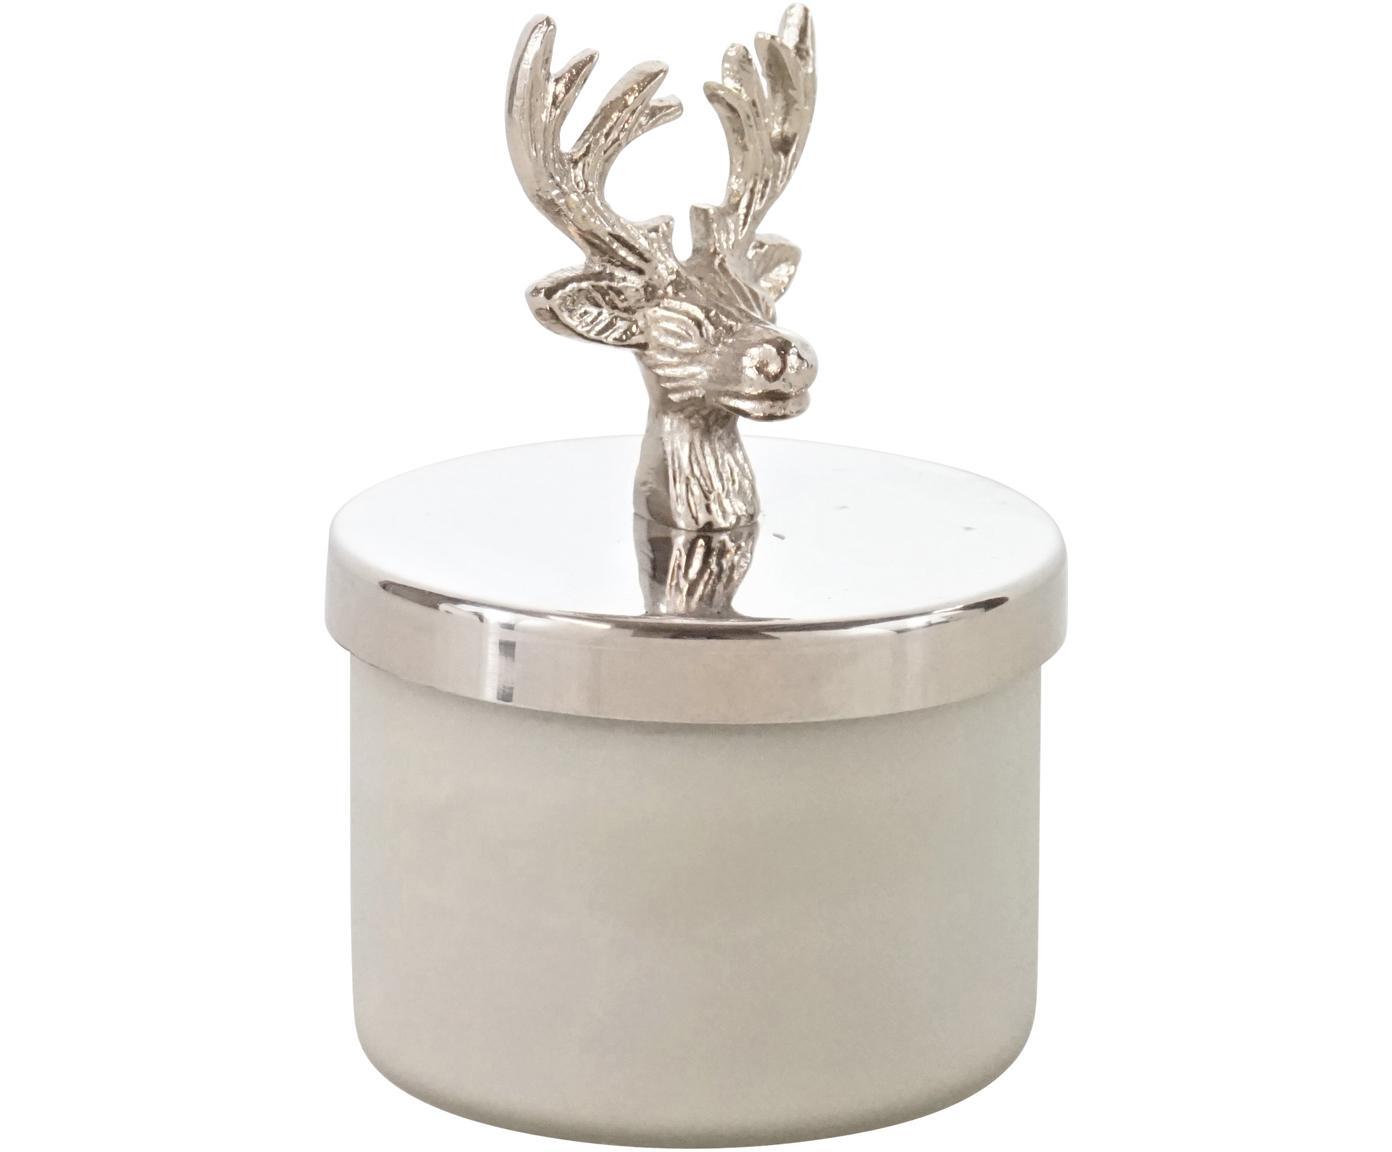 Windlicht Deer, Pot: glas, Deksel: aluminium, Wit, zilverkleurig, Ø 7 x H 12 cm